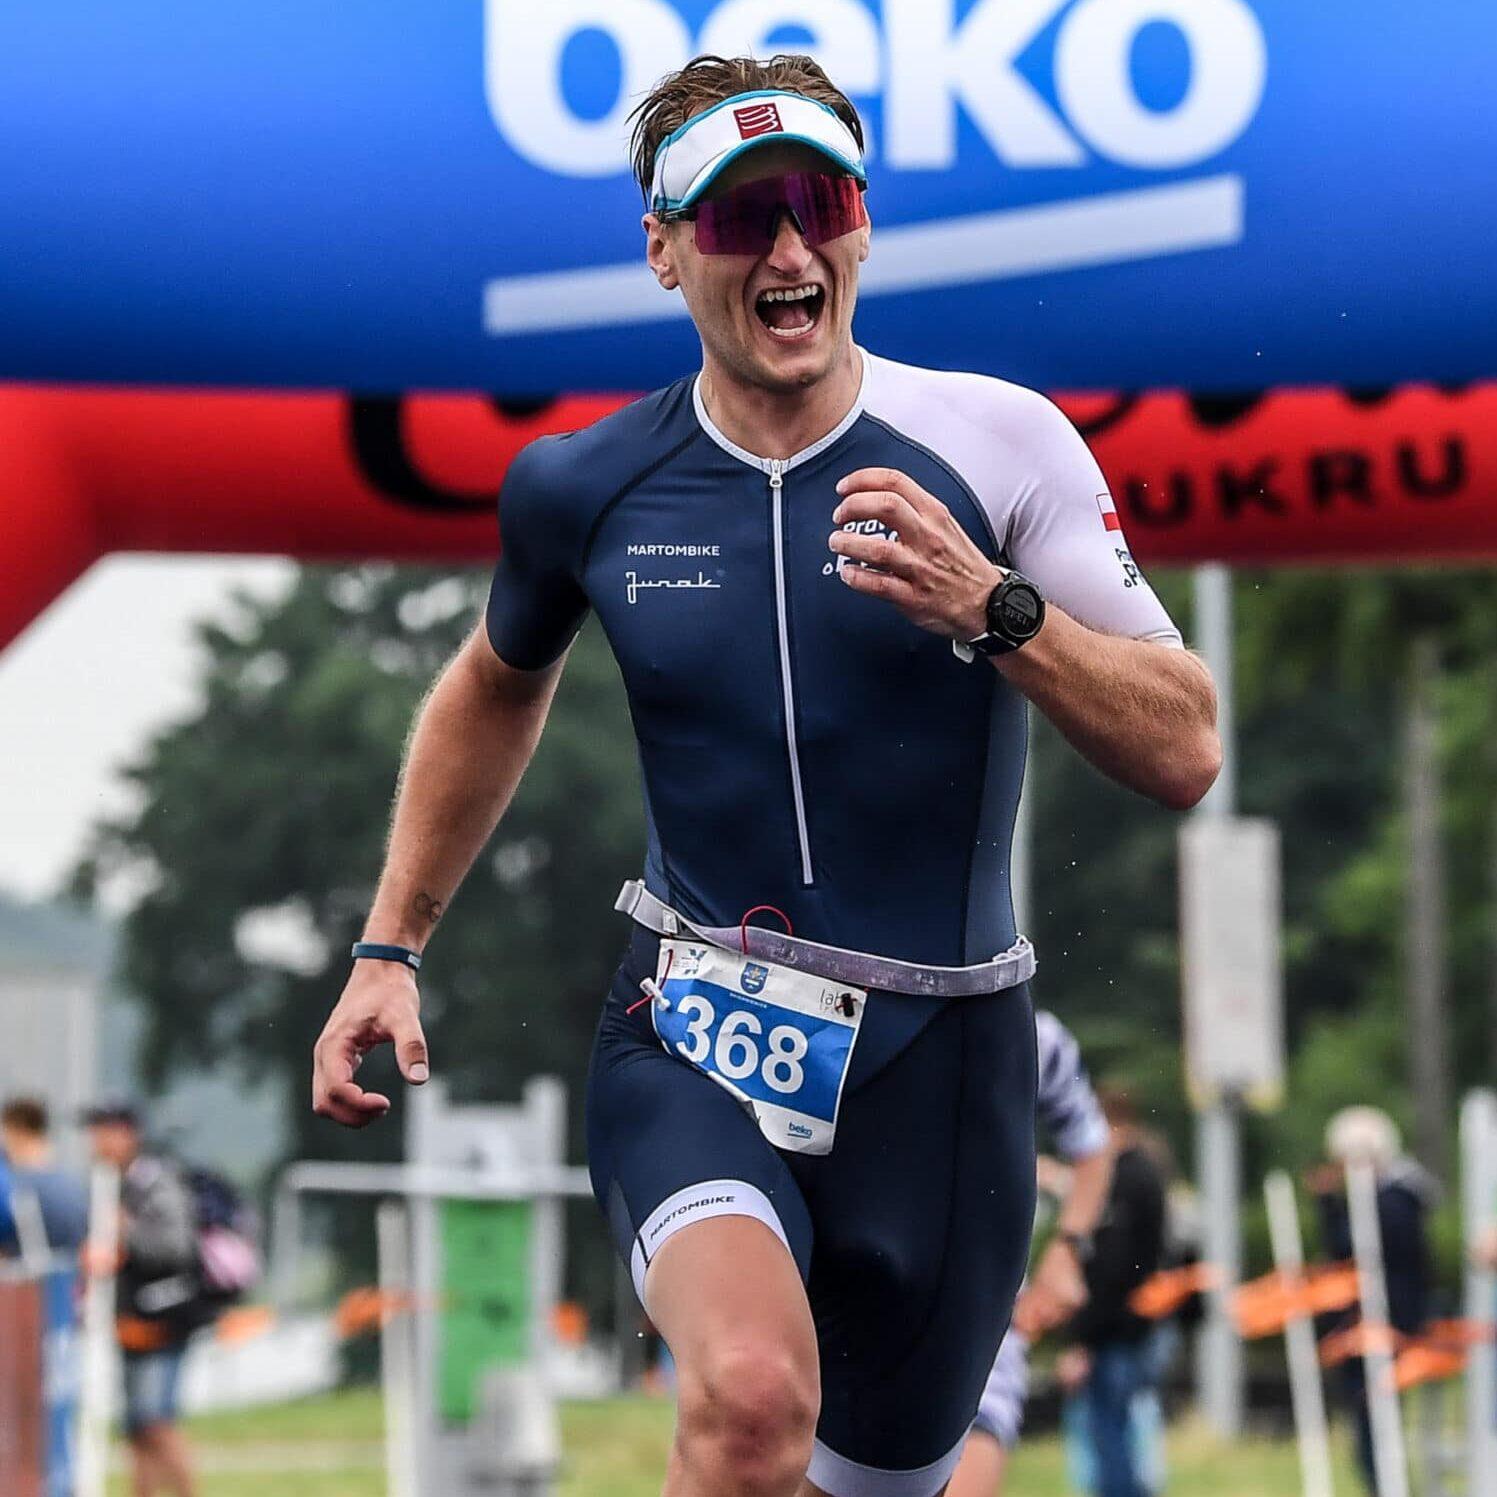 Wracam po obozie Prawie.PRO Tour i zawodach triathlonowych. Jak wrażenia? (37)